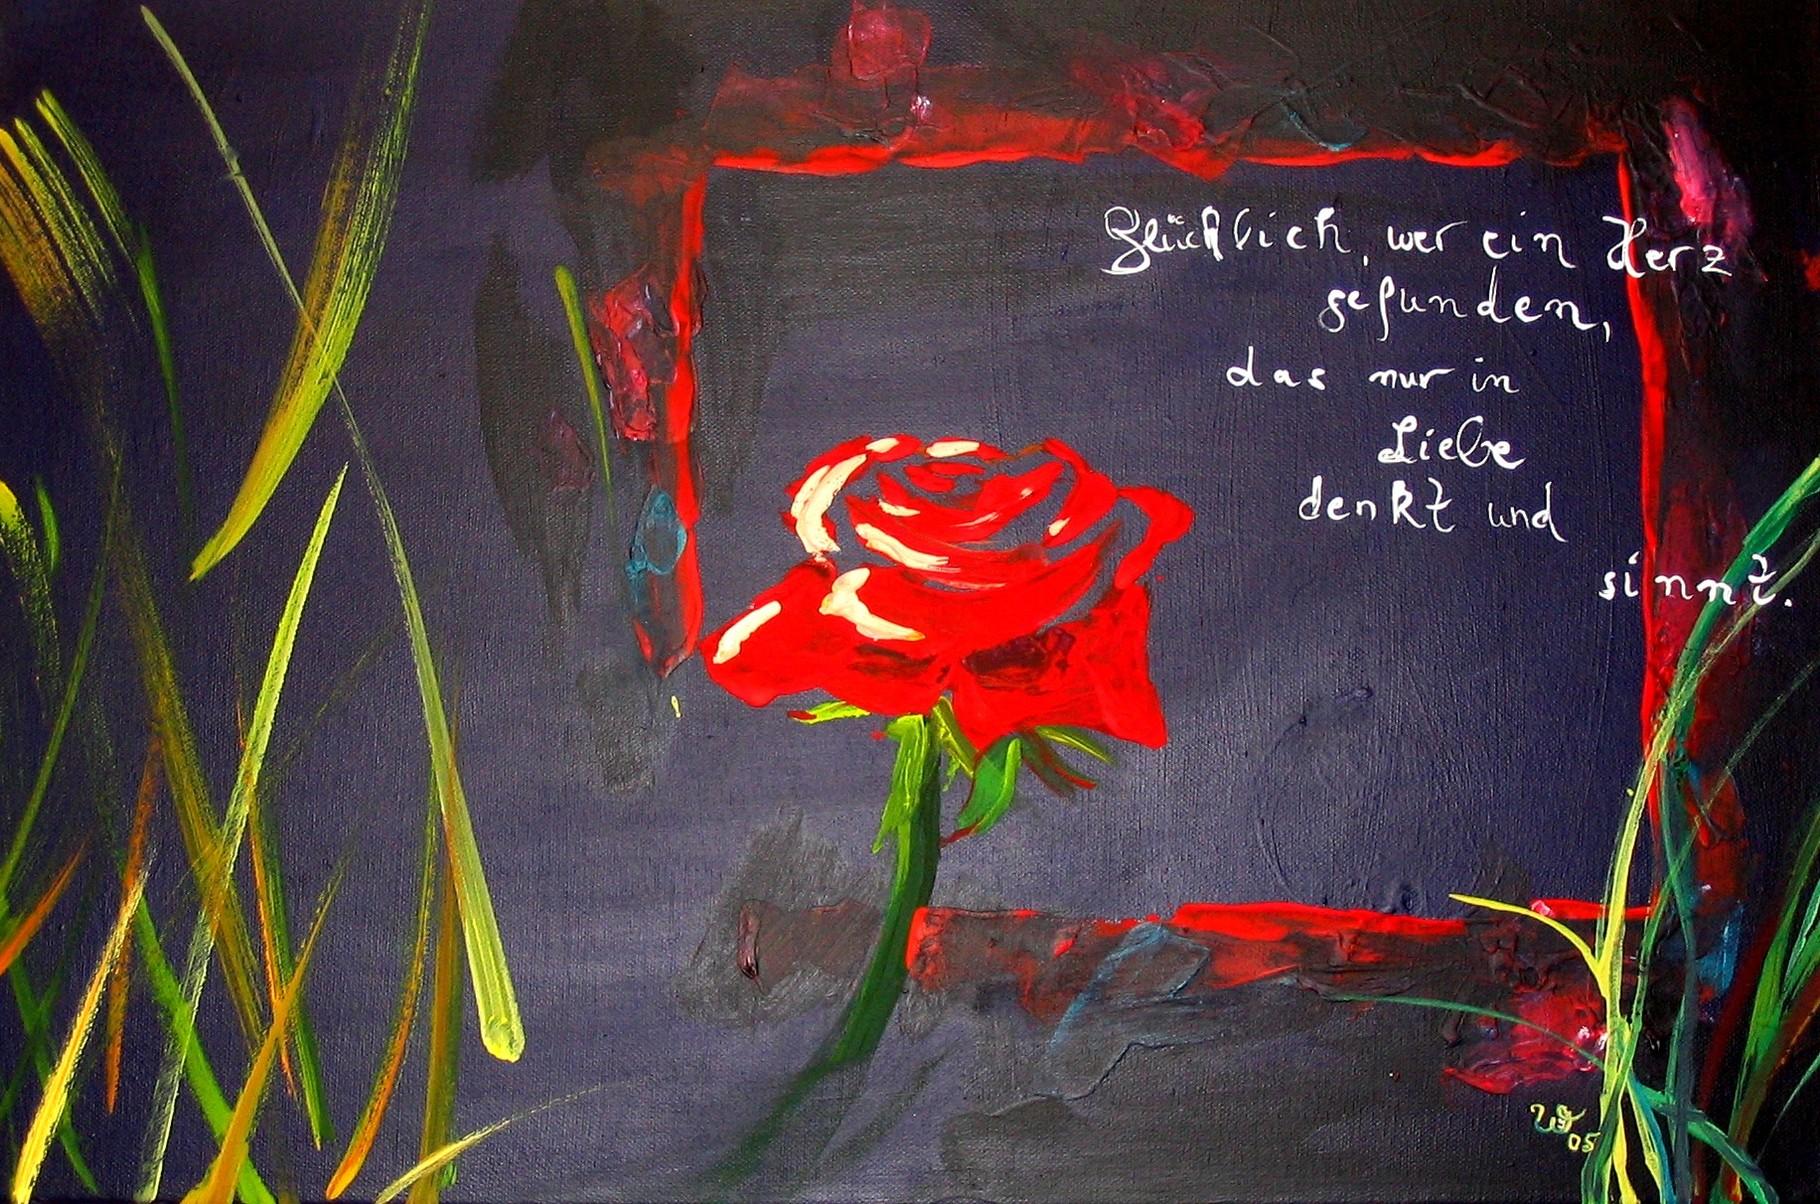 .-. Glücklich, wer ein Herz gefunden, das nur in Liebe denkt und sinnt